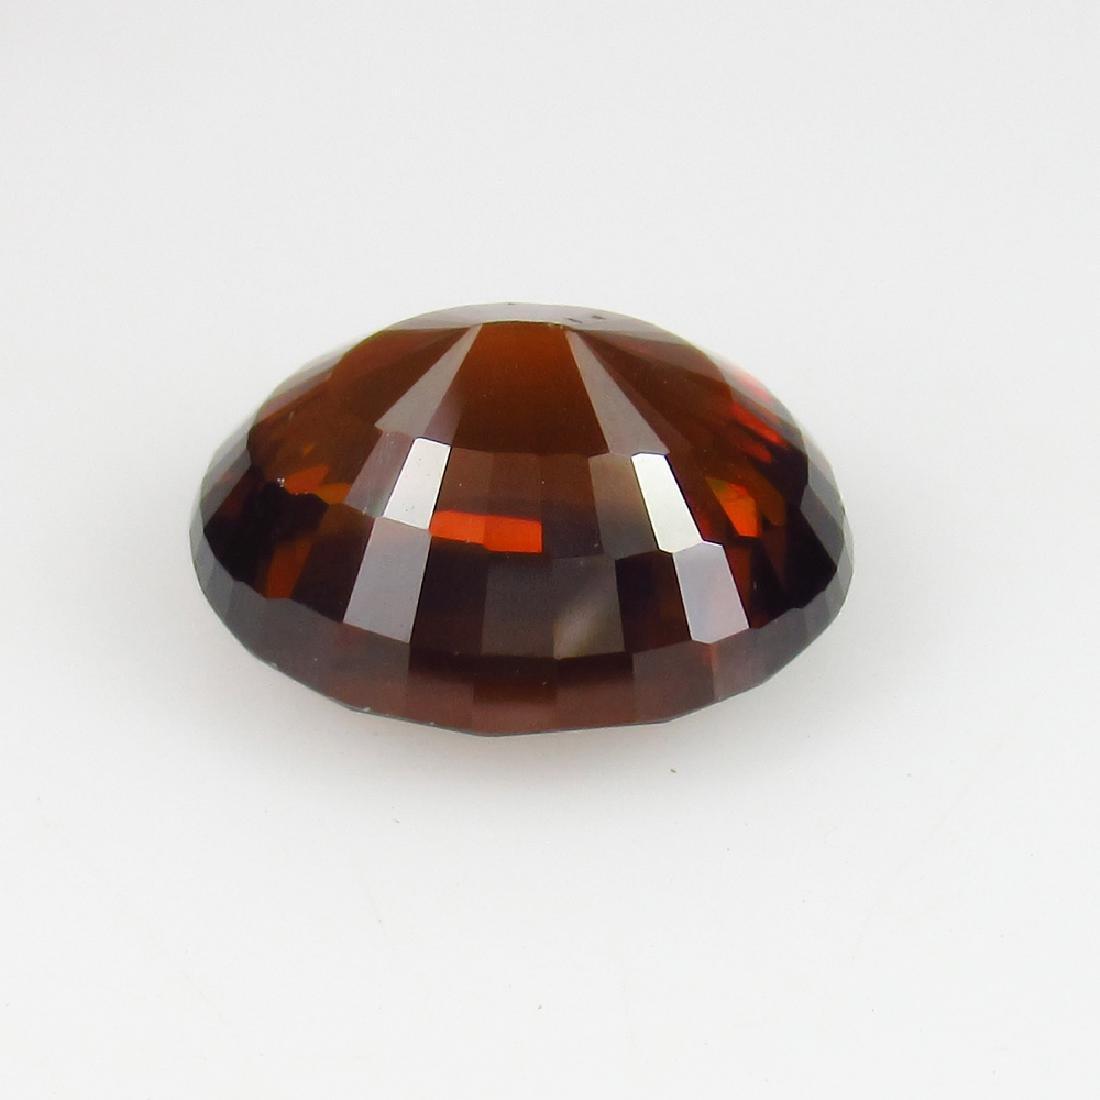 IGI Certified 4.67 Ct - Natural Loose Orangy Brown - 6